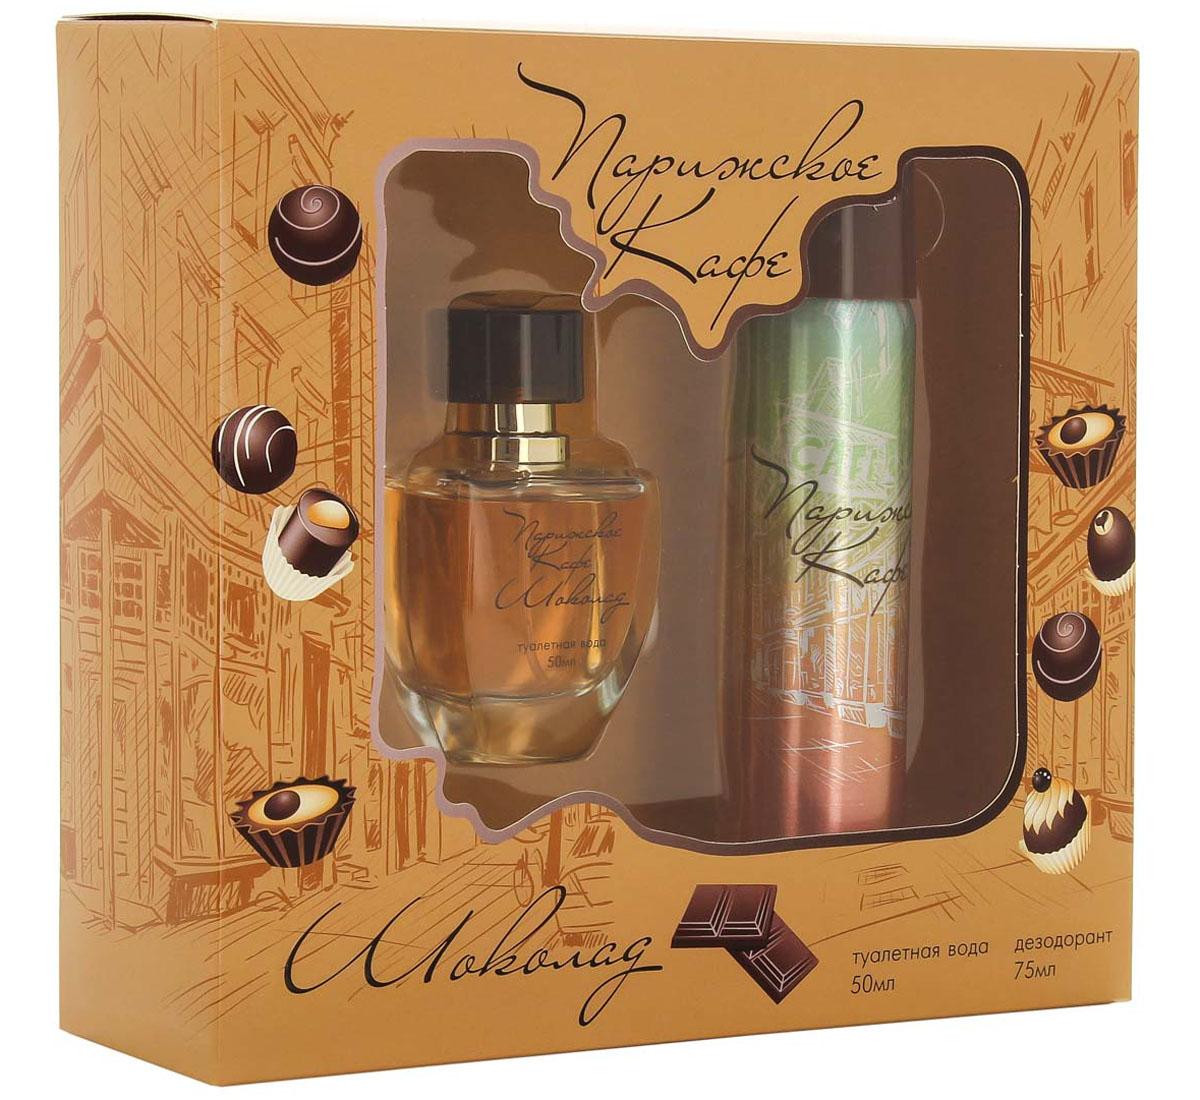 КПК-Парфюм Подарочный набор для женщин Парижское кафе: Шоколад: Туалетная вода, 50 мл + Парфюмированный дезодорант, 75 мл1301210ПАРИЖСКОЕ КАФЕ ШОКОЛАД- это аромат для женщин. Верхние ноты: страстоцвет, красный мак и пион; ноты сердца: жасмин, нарцисс, мексиканский шоколад и ежевика; ноты базы: мускус, пачули, амбра и ваниль.